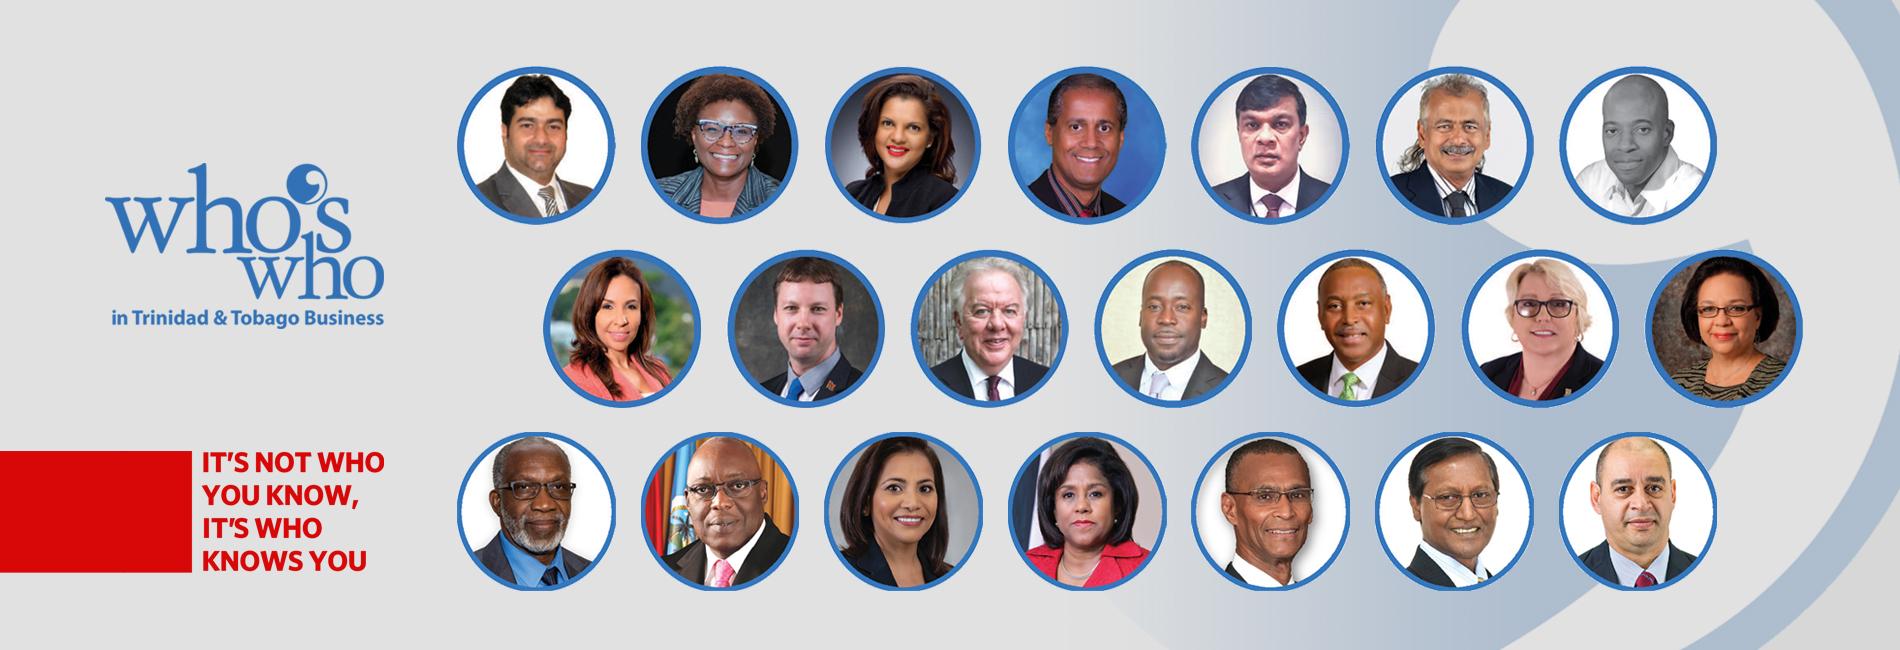 Whos who Trinidad